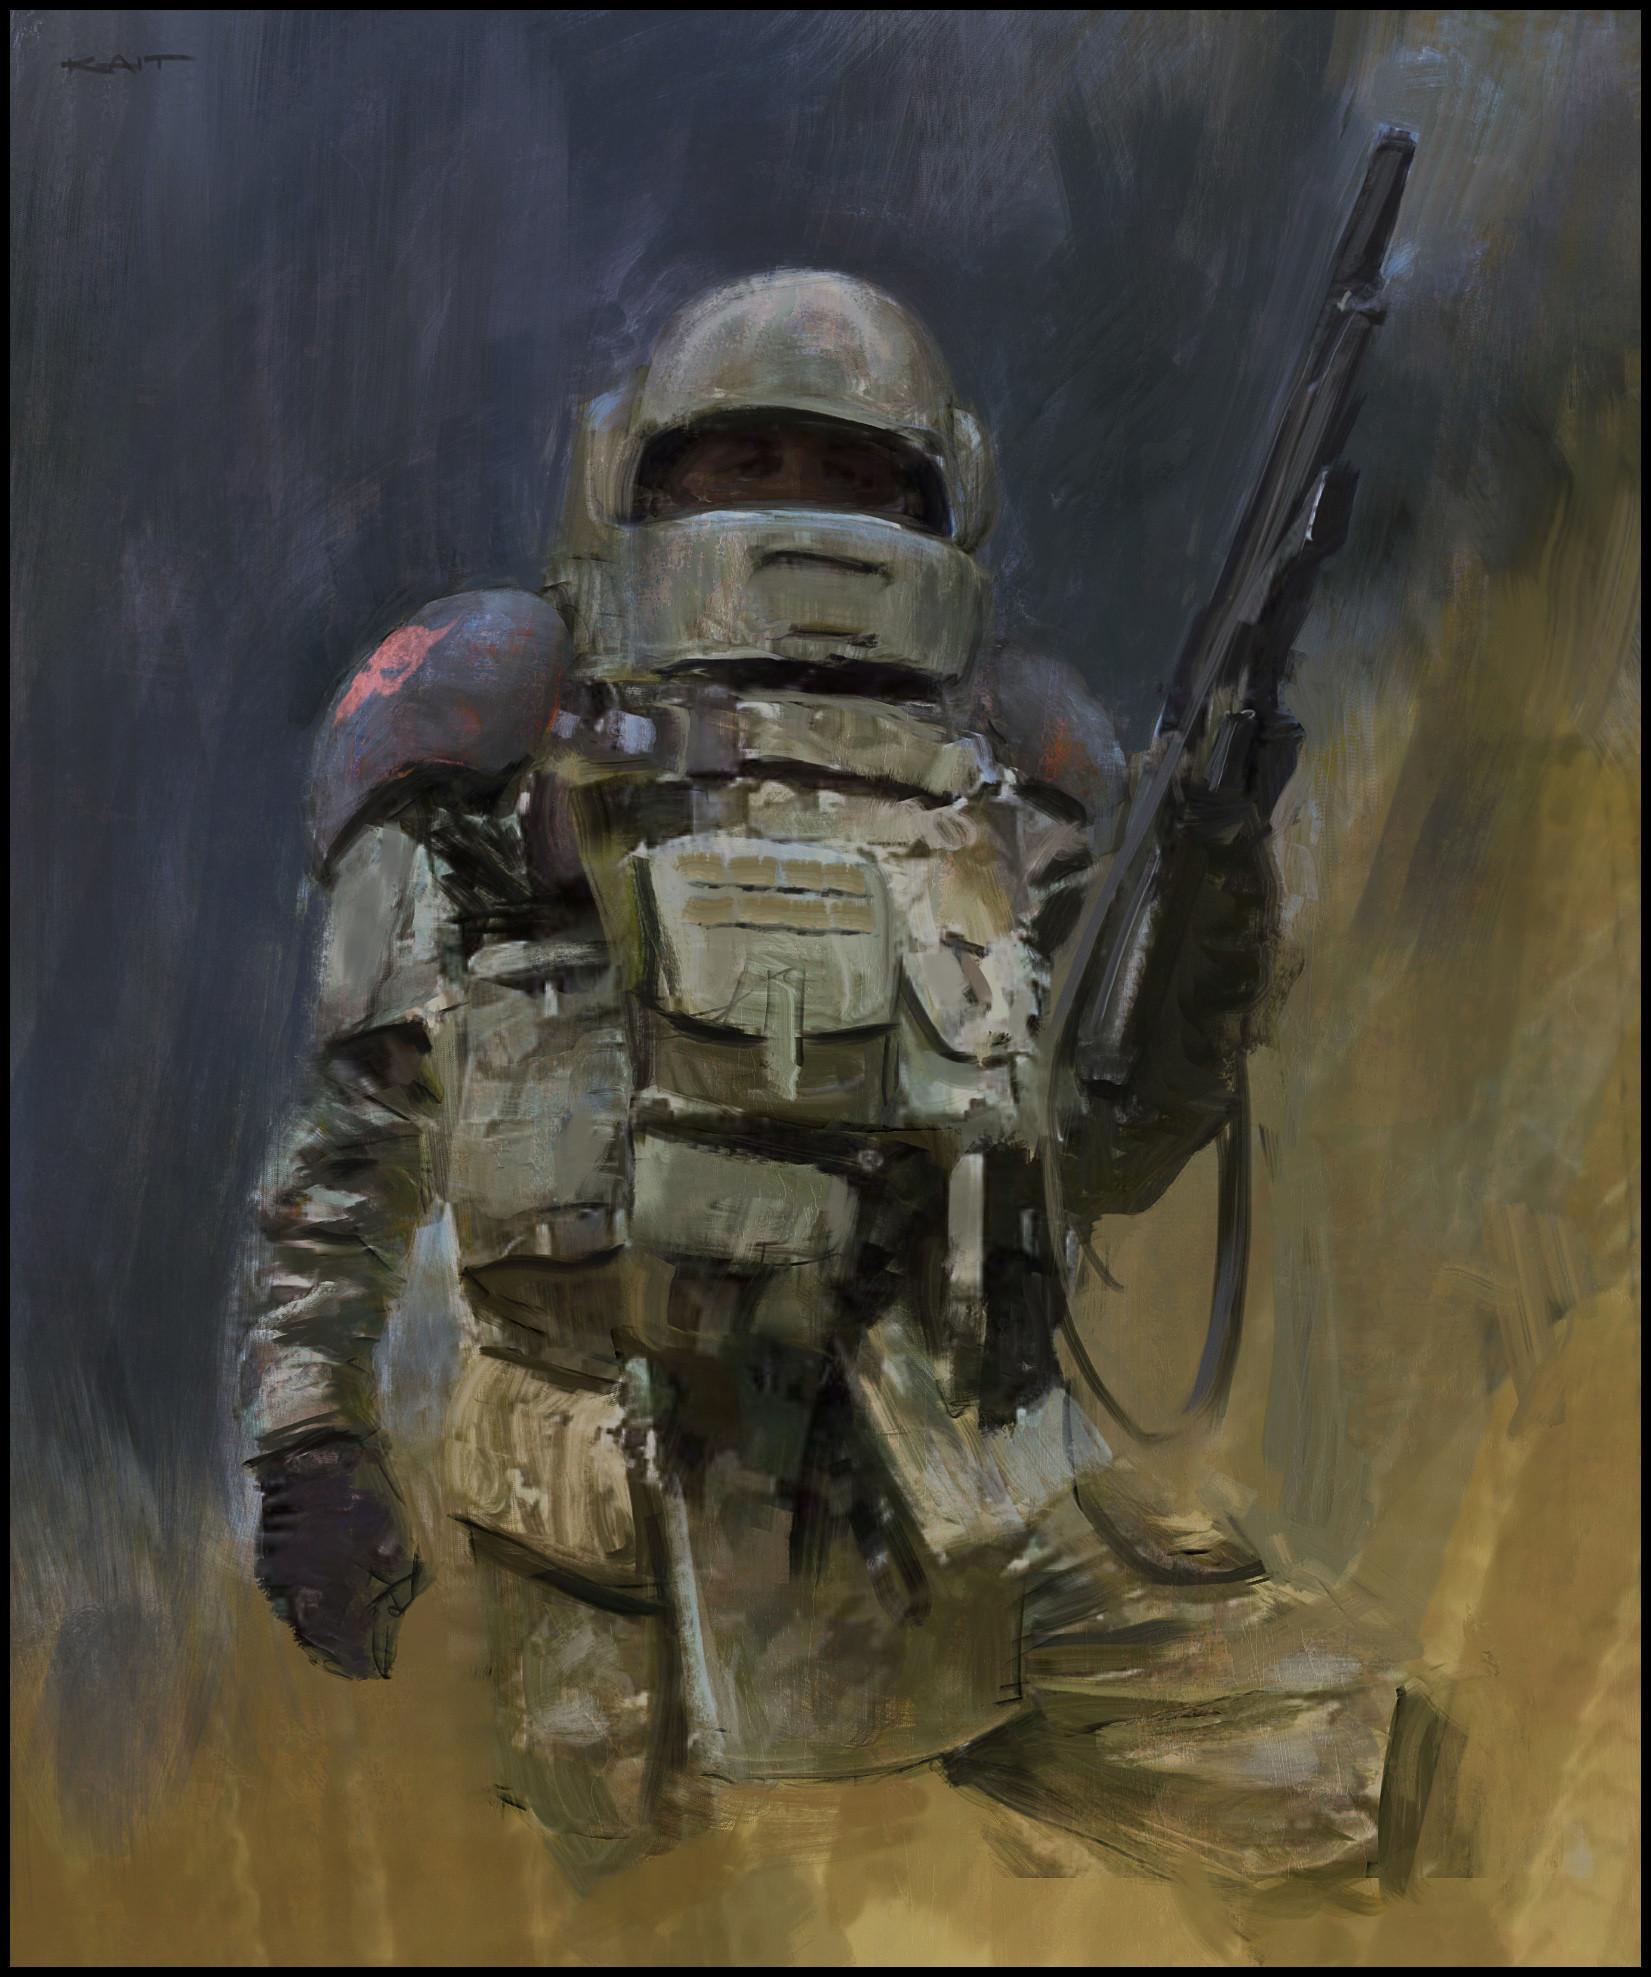 Kait kybar soldier5